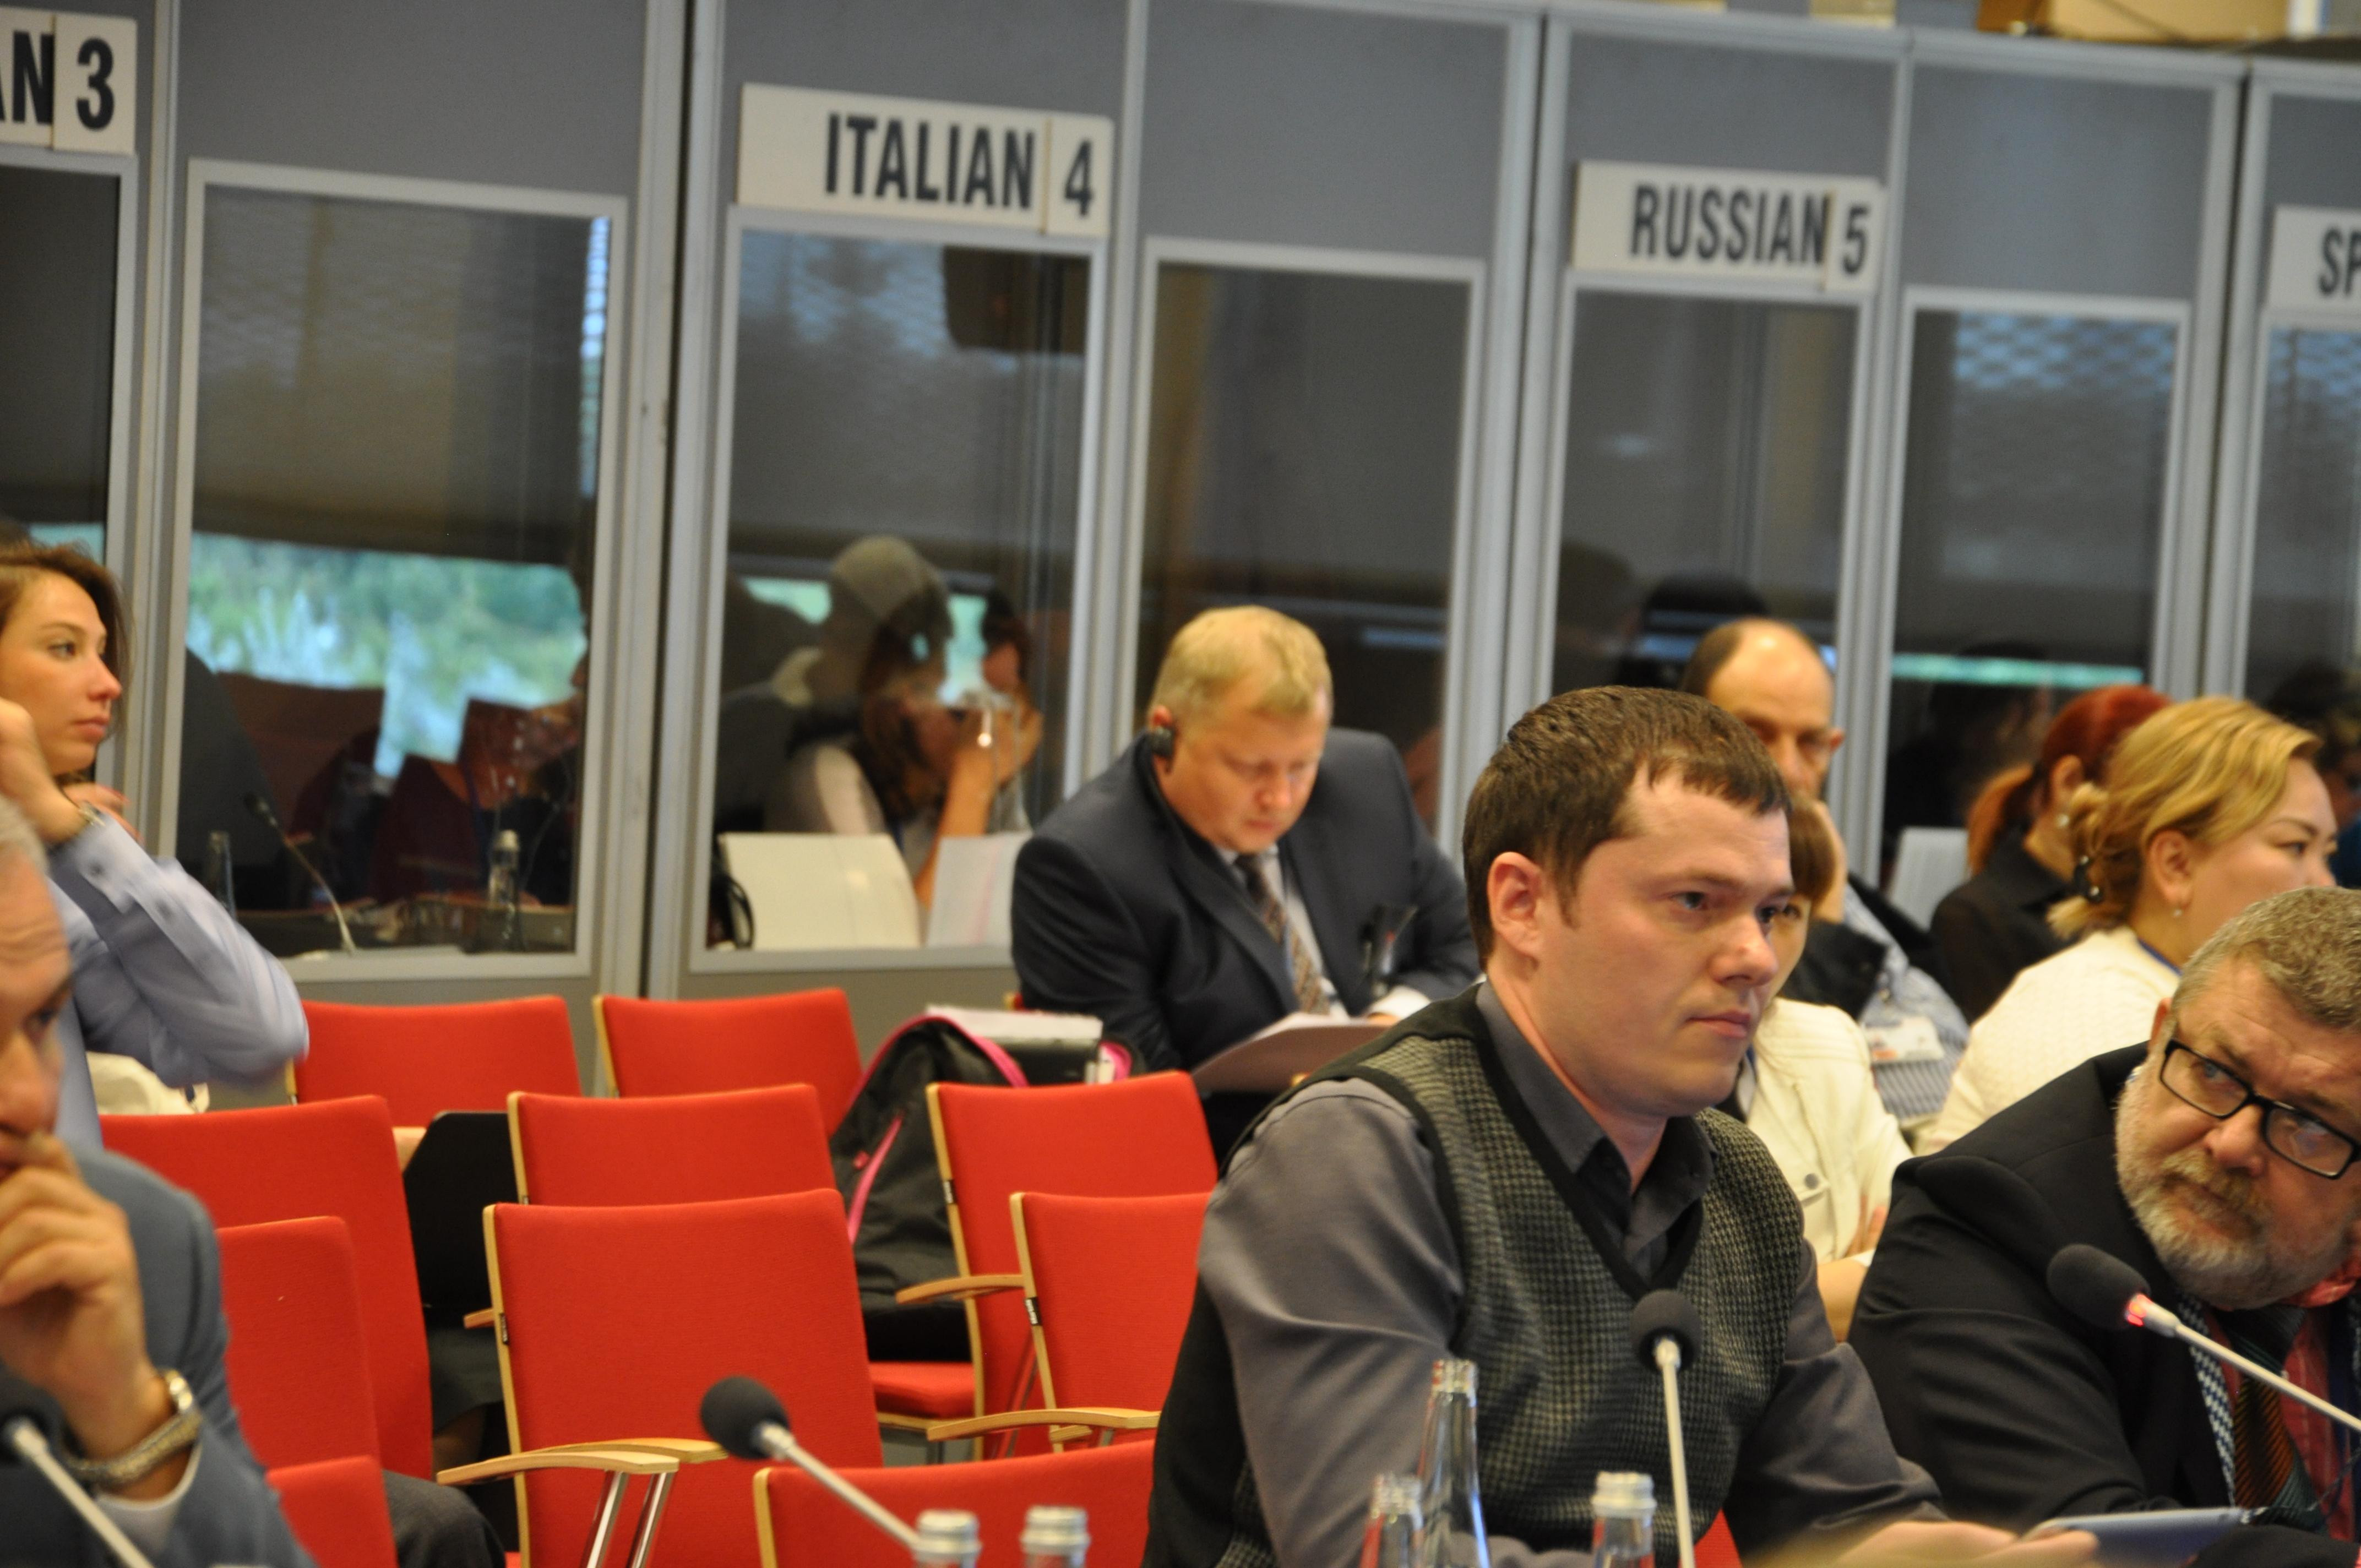 Заседание ОБСЕ: Крымская правозащитная группа требует прекратить применение пыток в Крыму